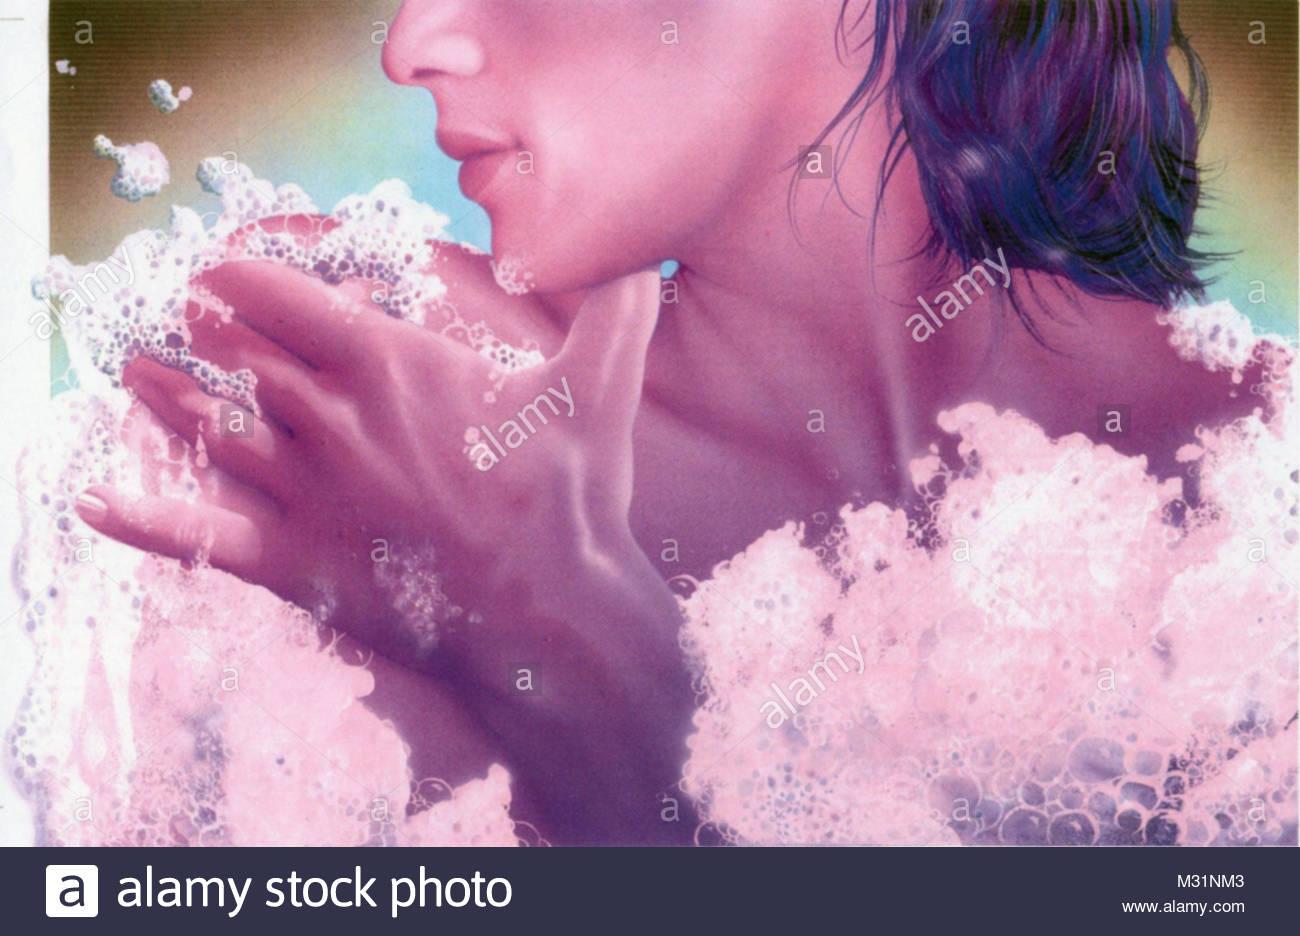 Woman takes bubble bath - Stock Image